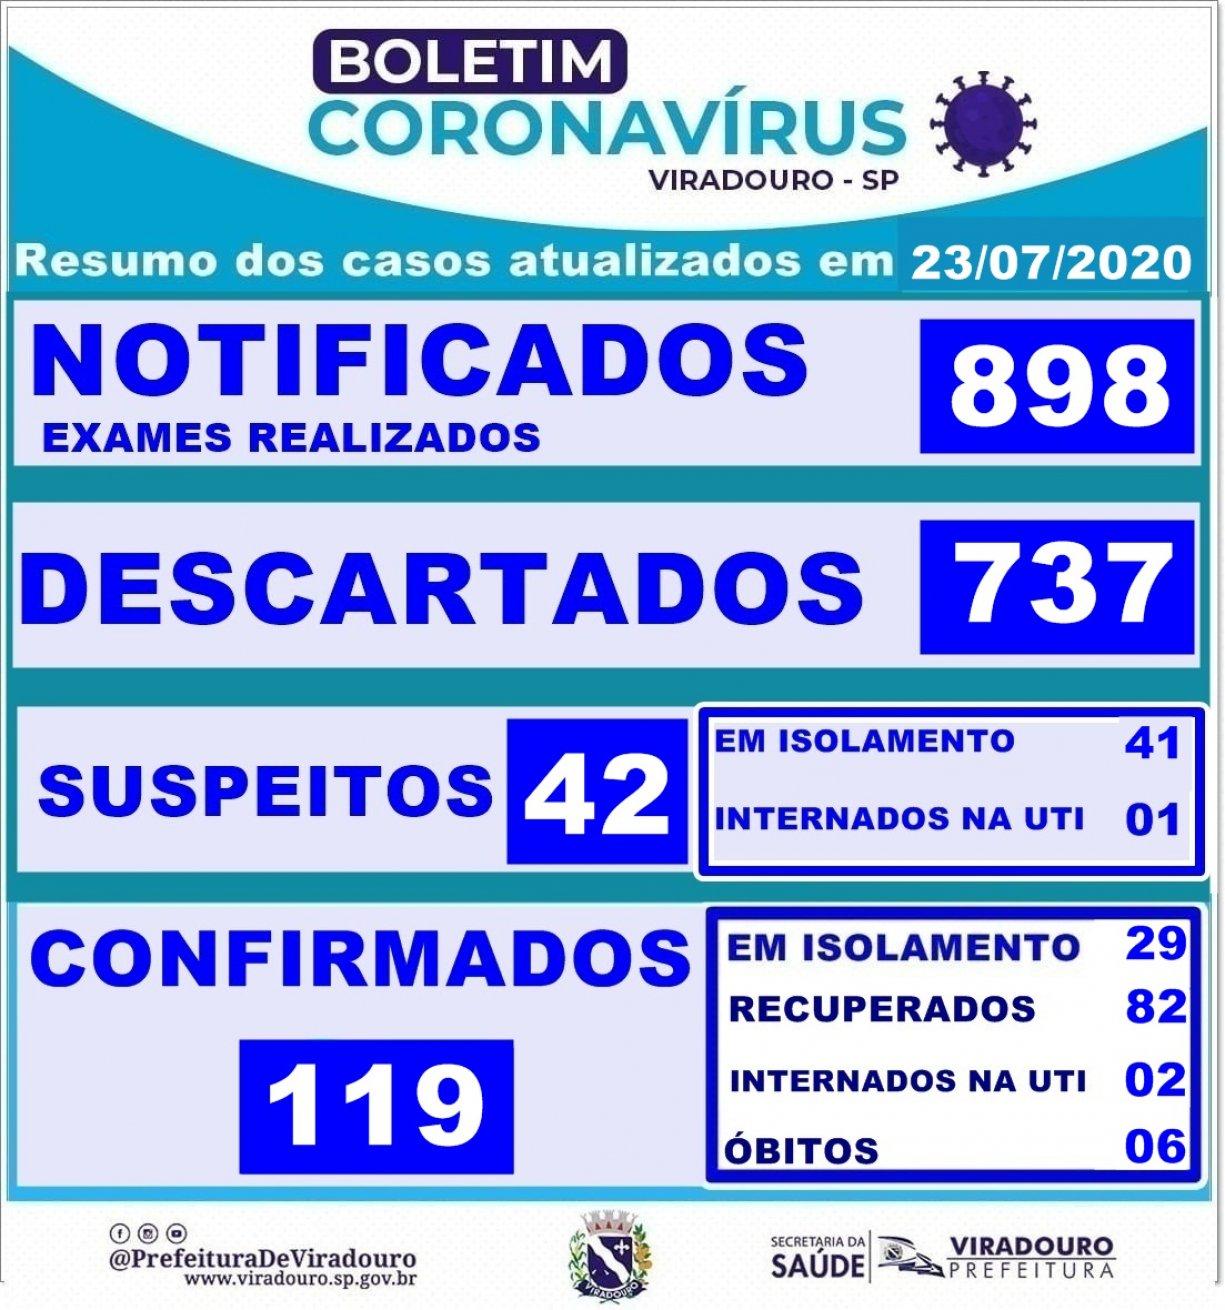 Boletim Epidemiológico Viradouro (Atualização 23/07/2020)